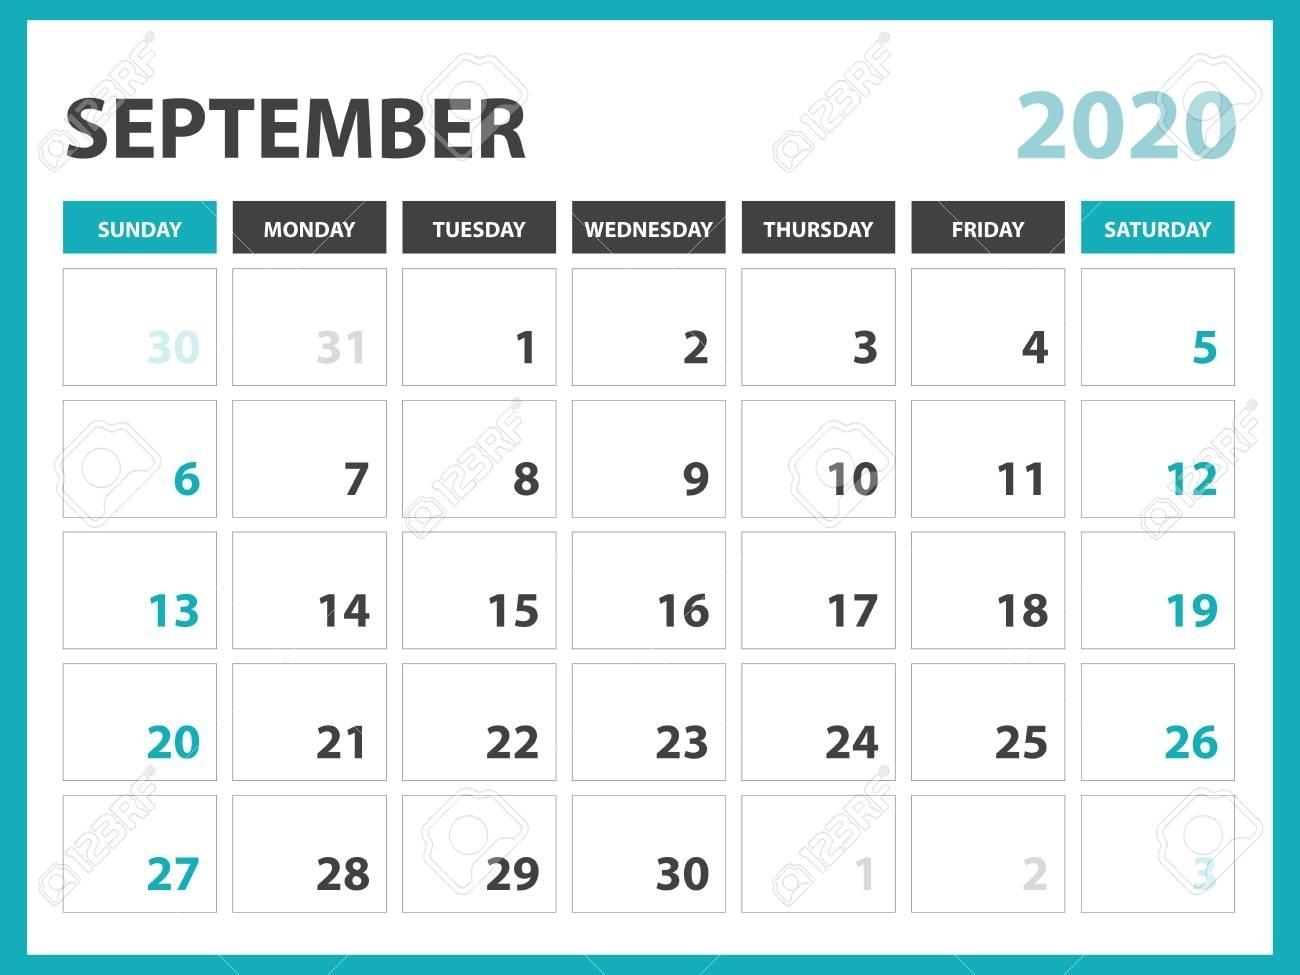 Desk Calendar Layout Size 8 X 6 Inch, September 2020 Calendar inside 10 X 8 Planner Template